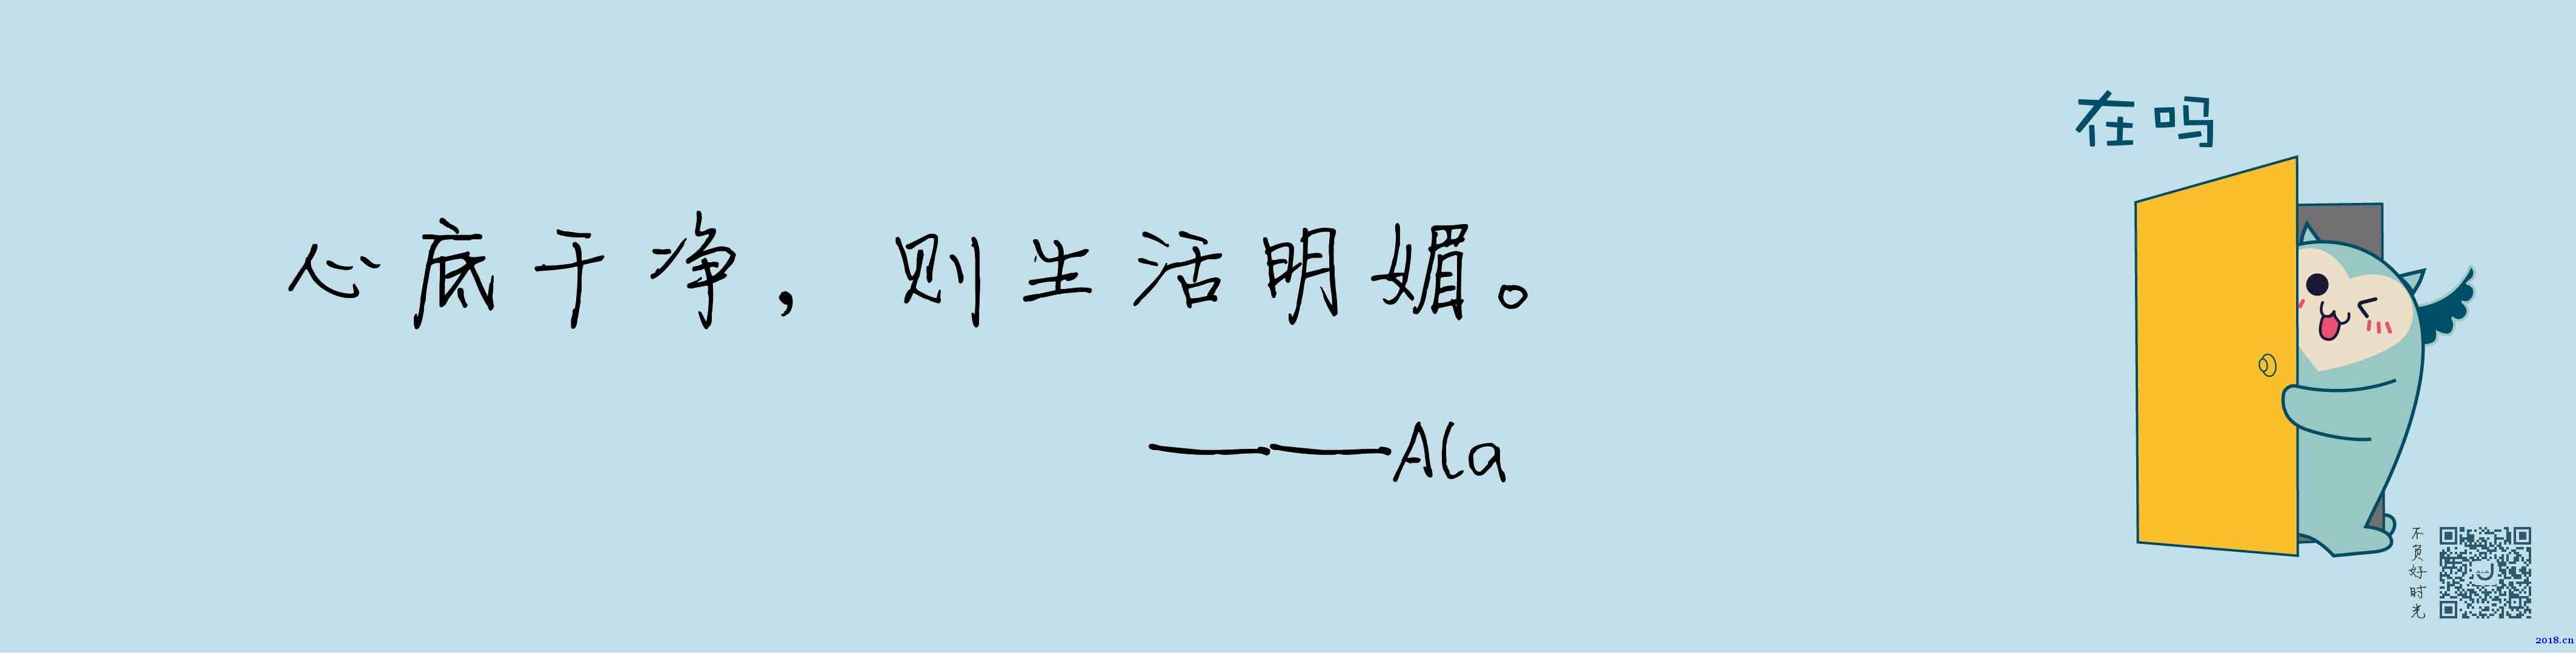 深圳阿拉卓盈酒店全漳州地区推广简介